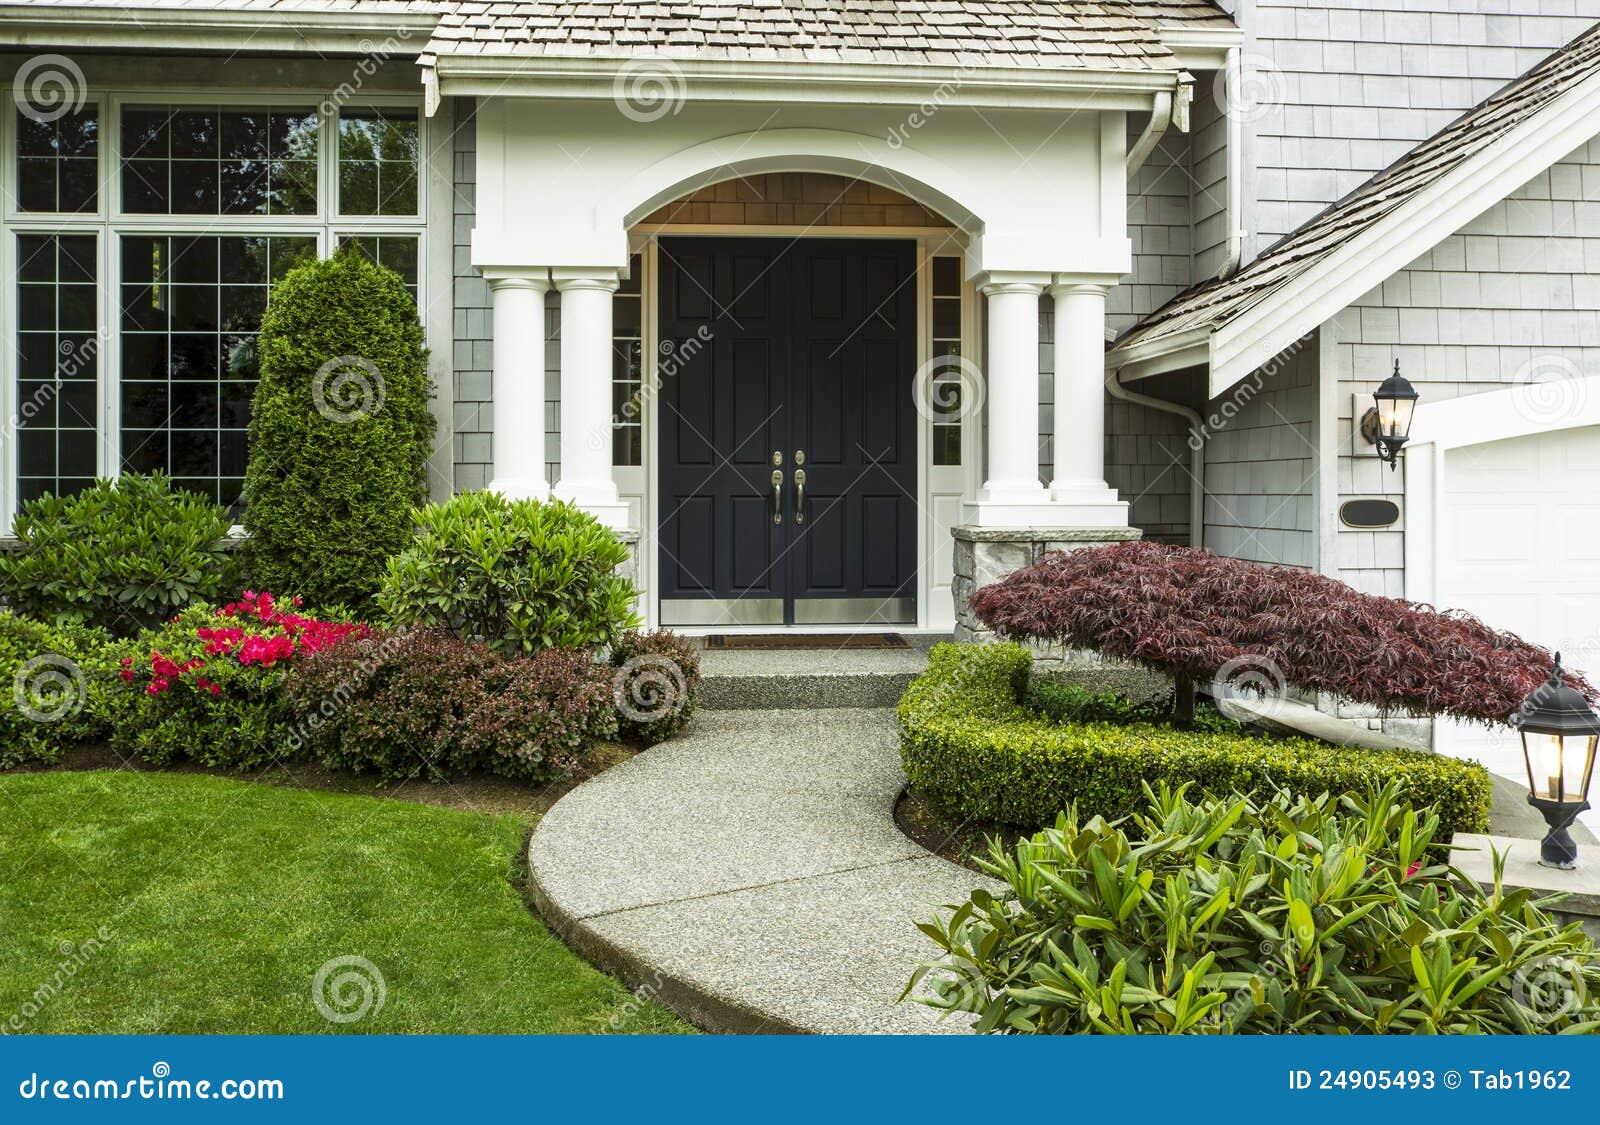 Front Door to Home